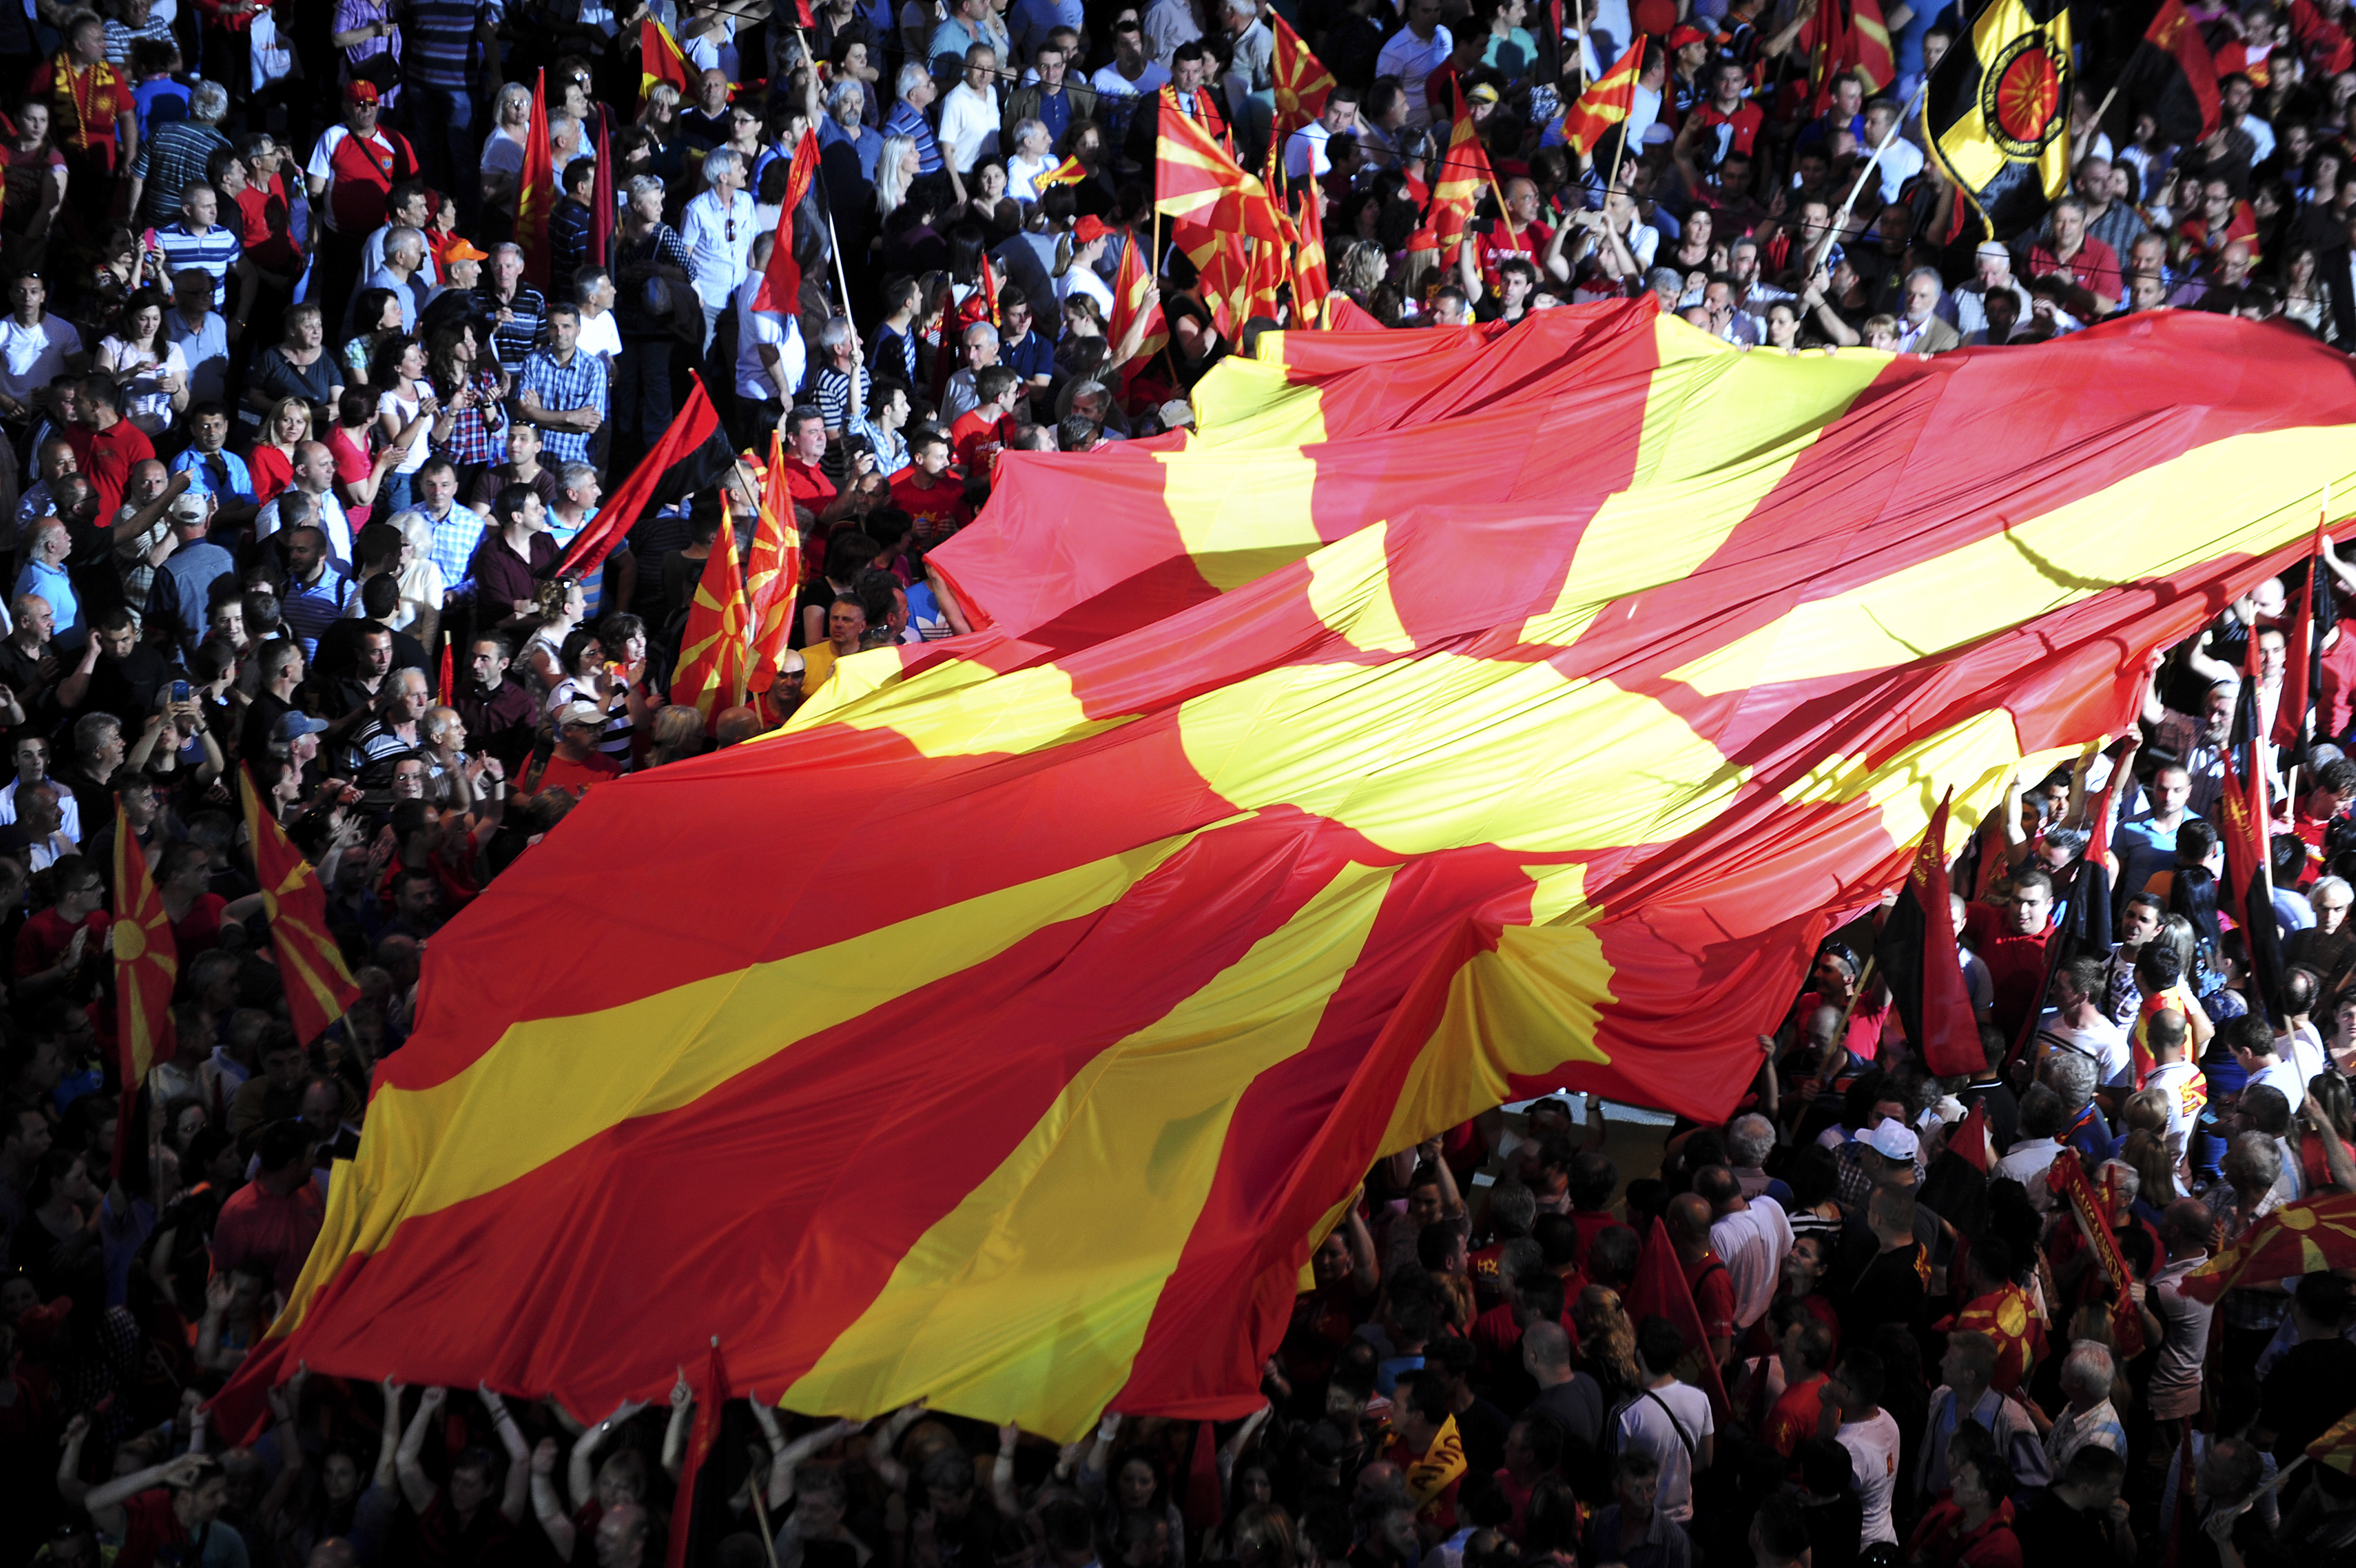 Problema-denumirii-oficiale-a-fostei-republici-iugoslave-a-amânat-planurile-euroatlantice-ale-autorităților-de-la-Skopje